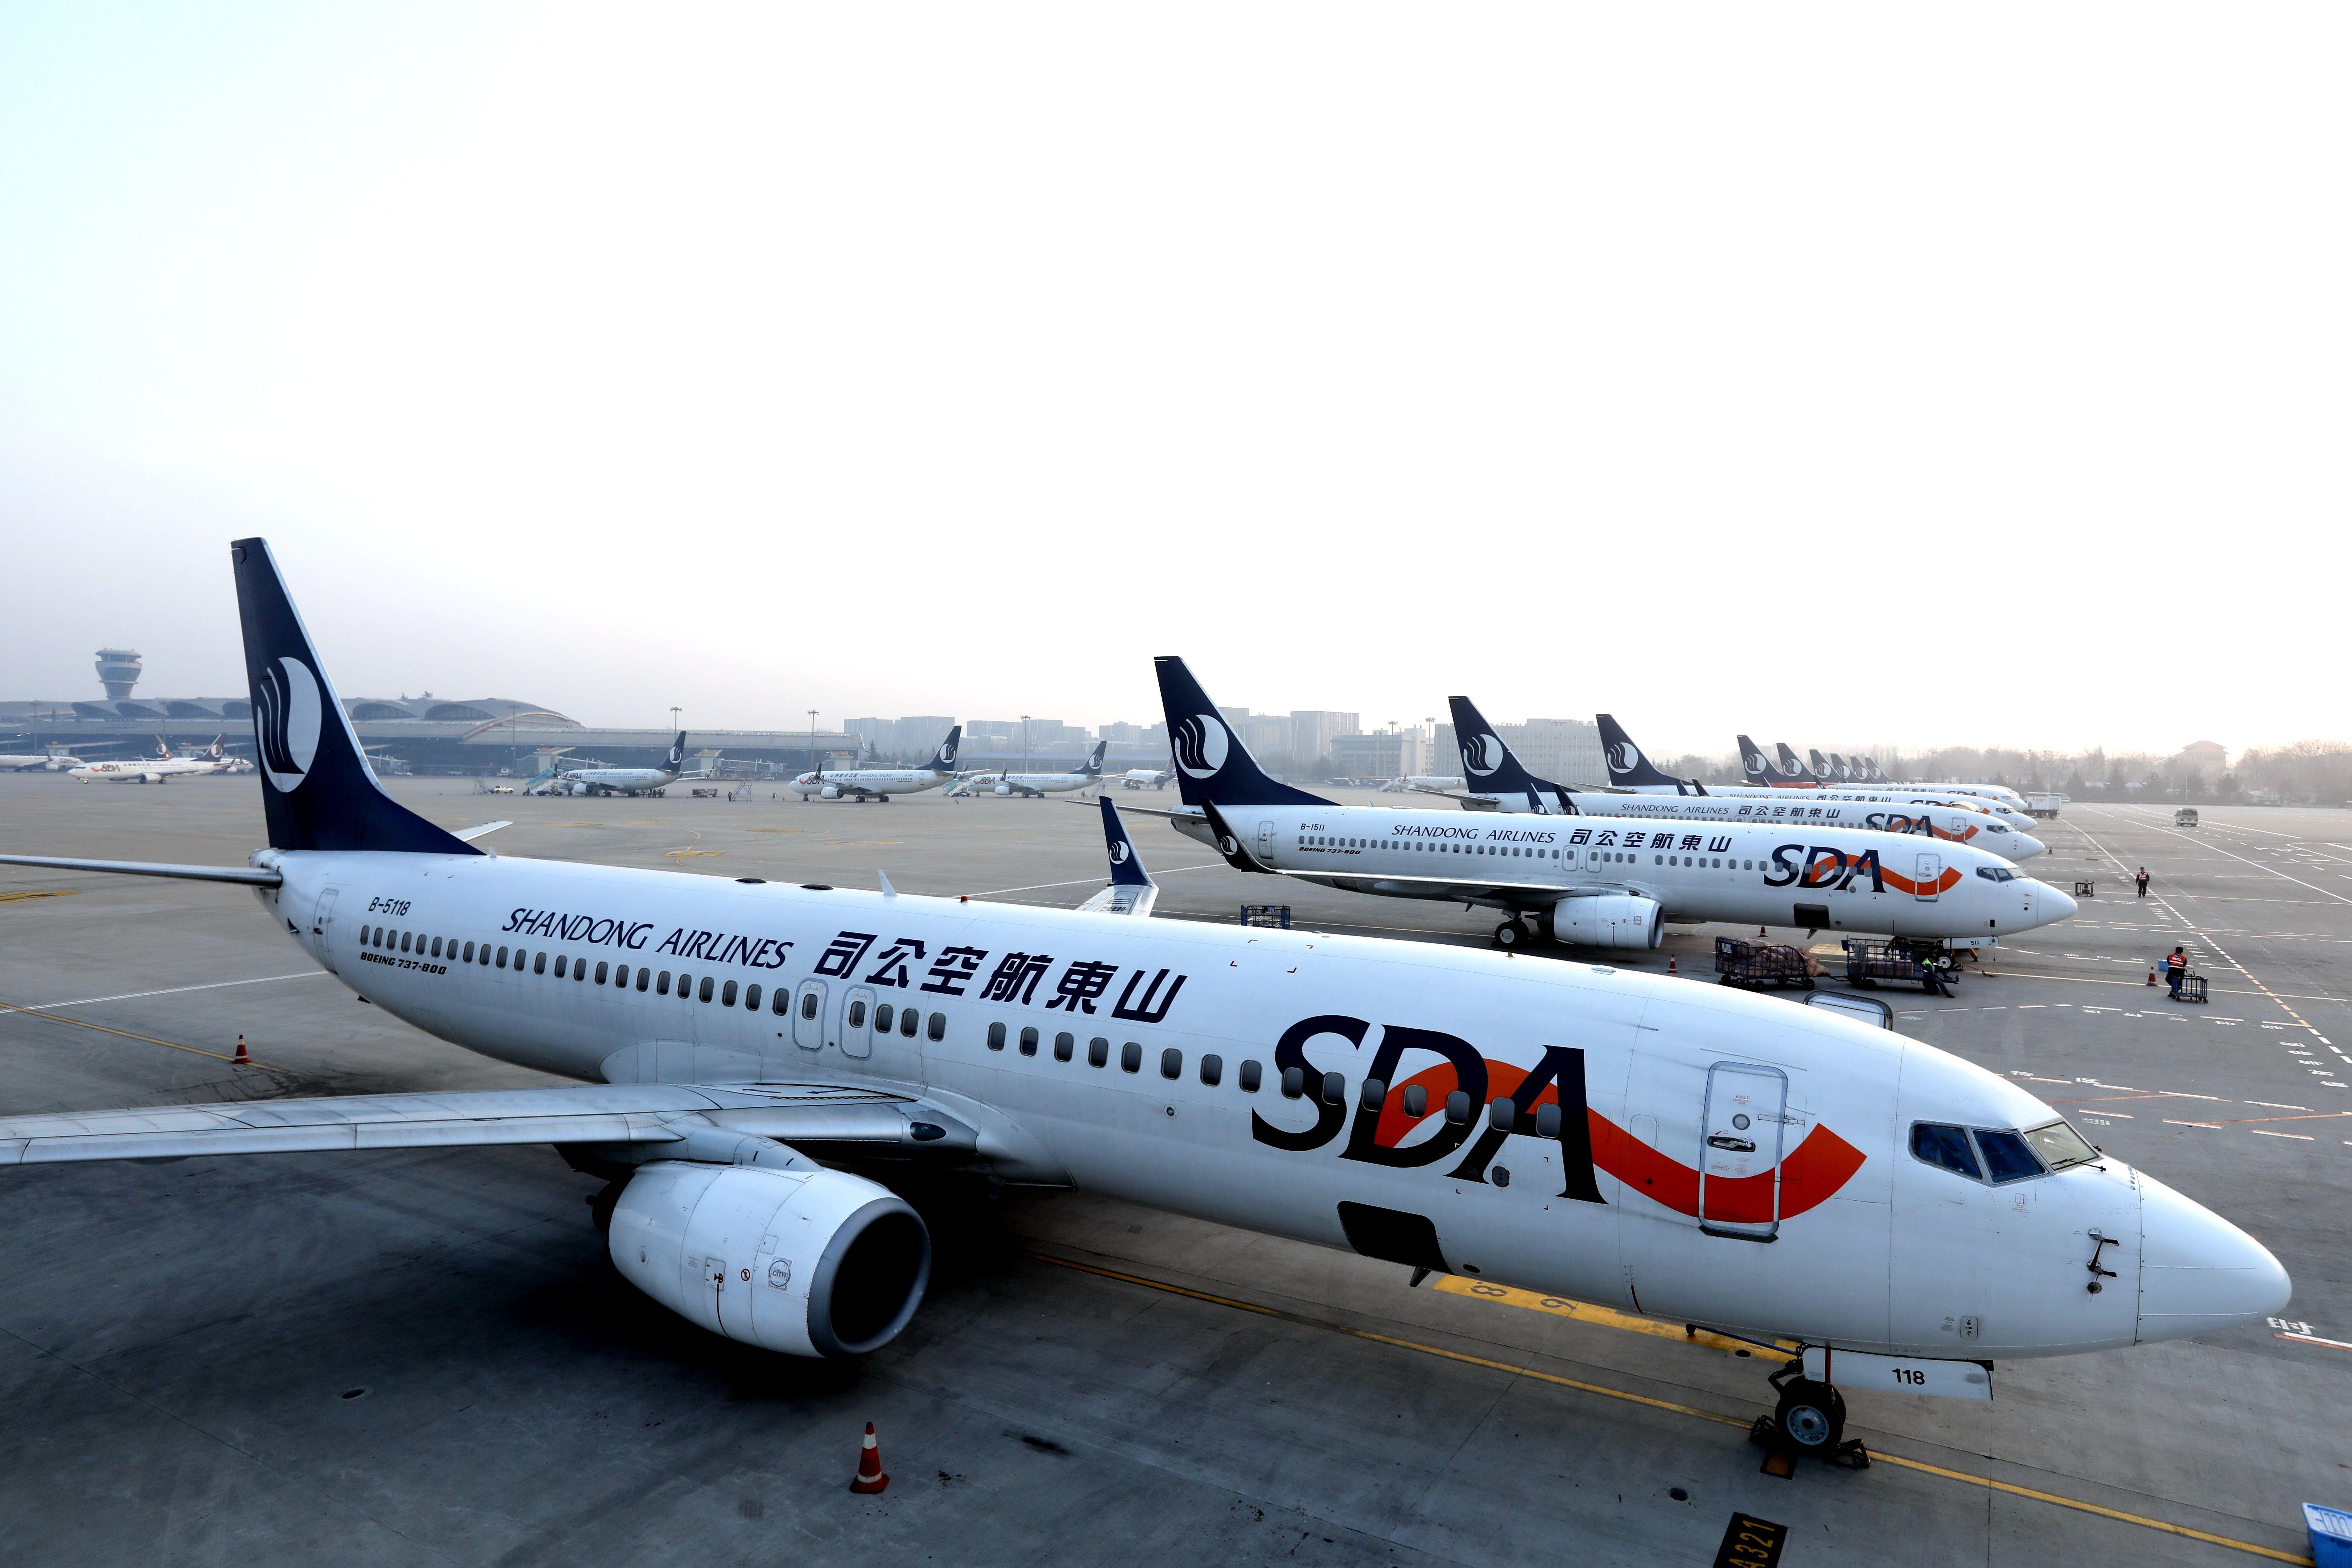 山航在大连机场首次实施公共RNP AR运行